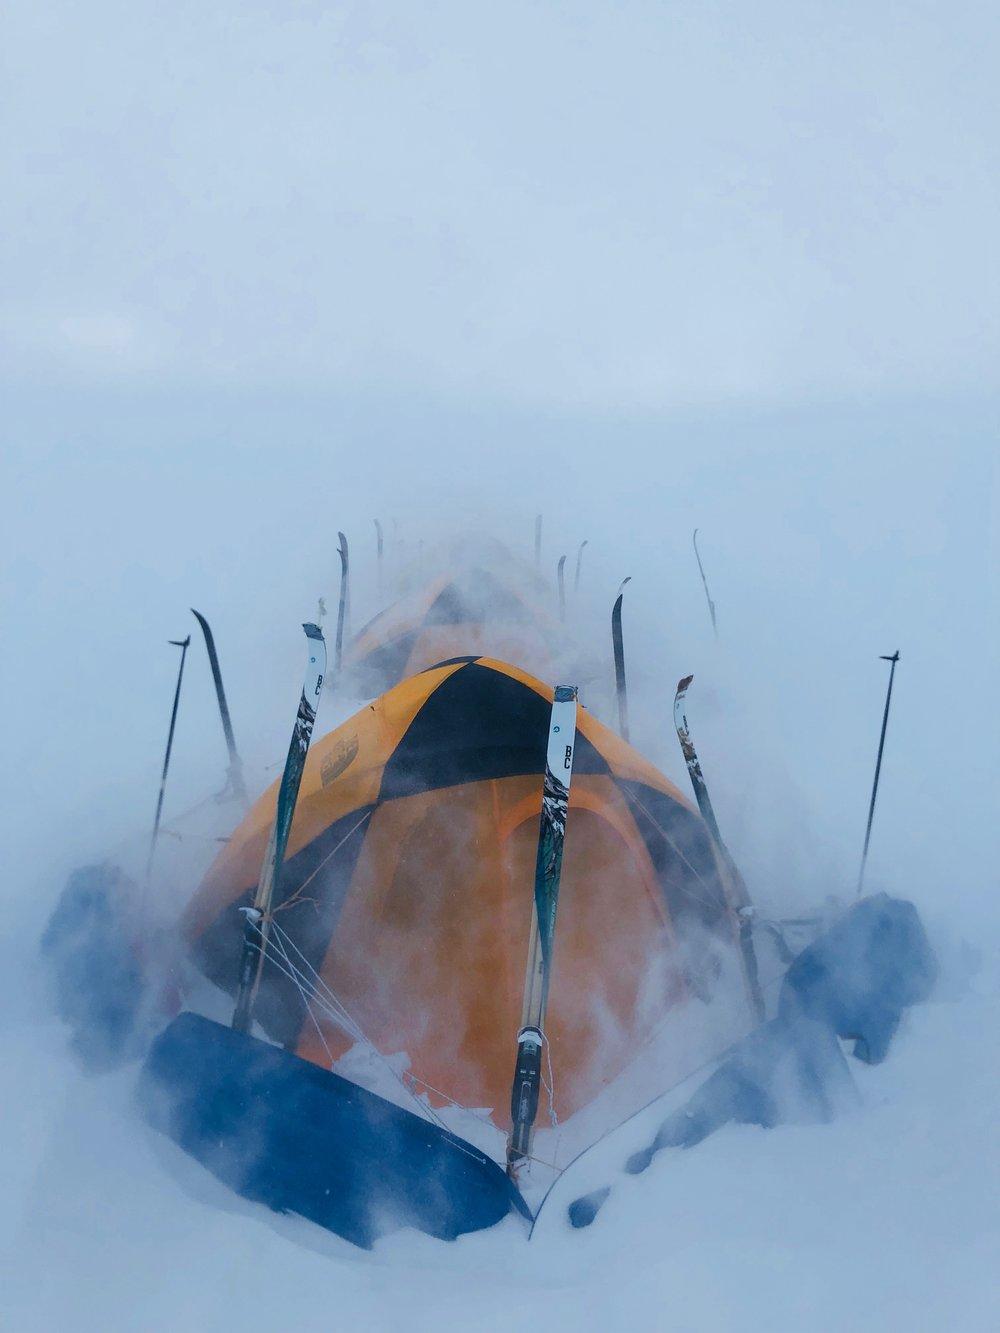 """N66°48'48 W47°31'06 Alt : 1730 m Dist : 16km  J+11 : 1ère tempête  """"Aujourd'hui le vent souffle à plus de 90km/h par 140° Nord, on va passer la journée dans la tente ! Les parois tremblent, dehors il est difficile de tenir debout, 60 cm sont déjà tombés."""""""